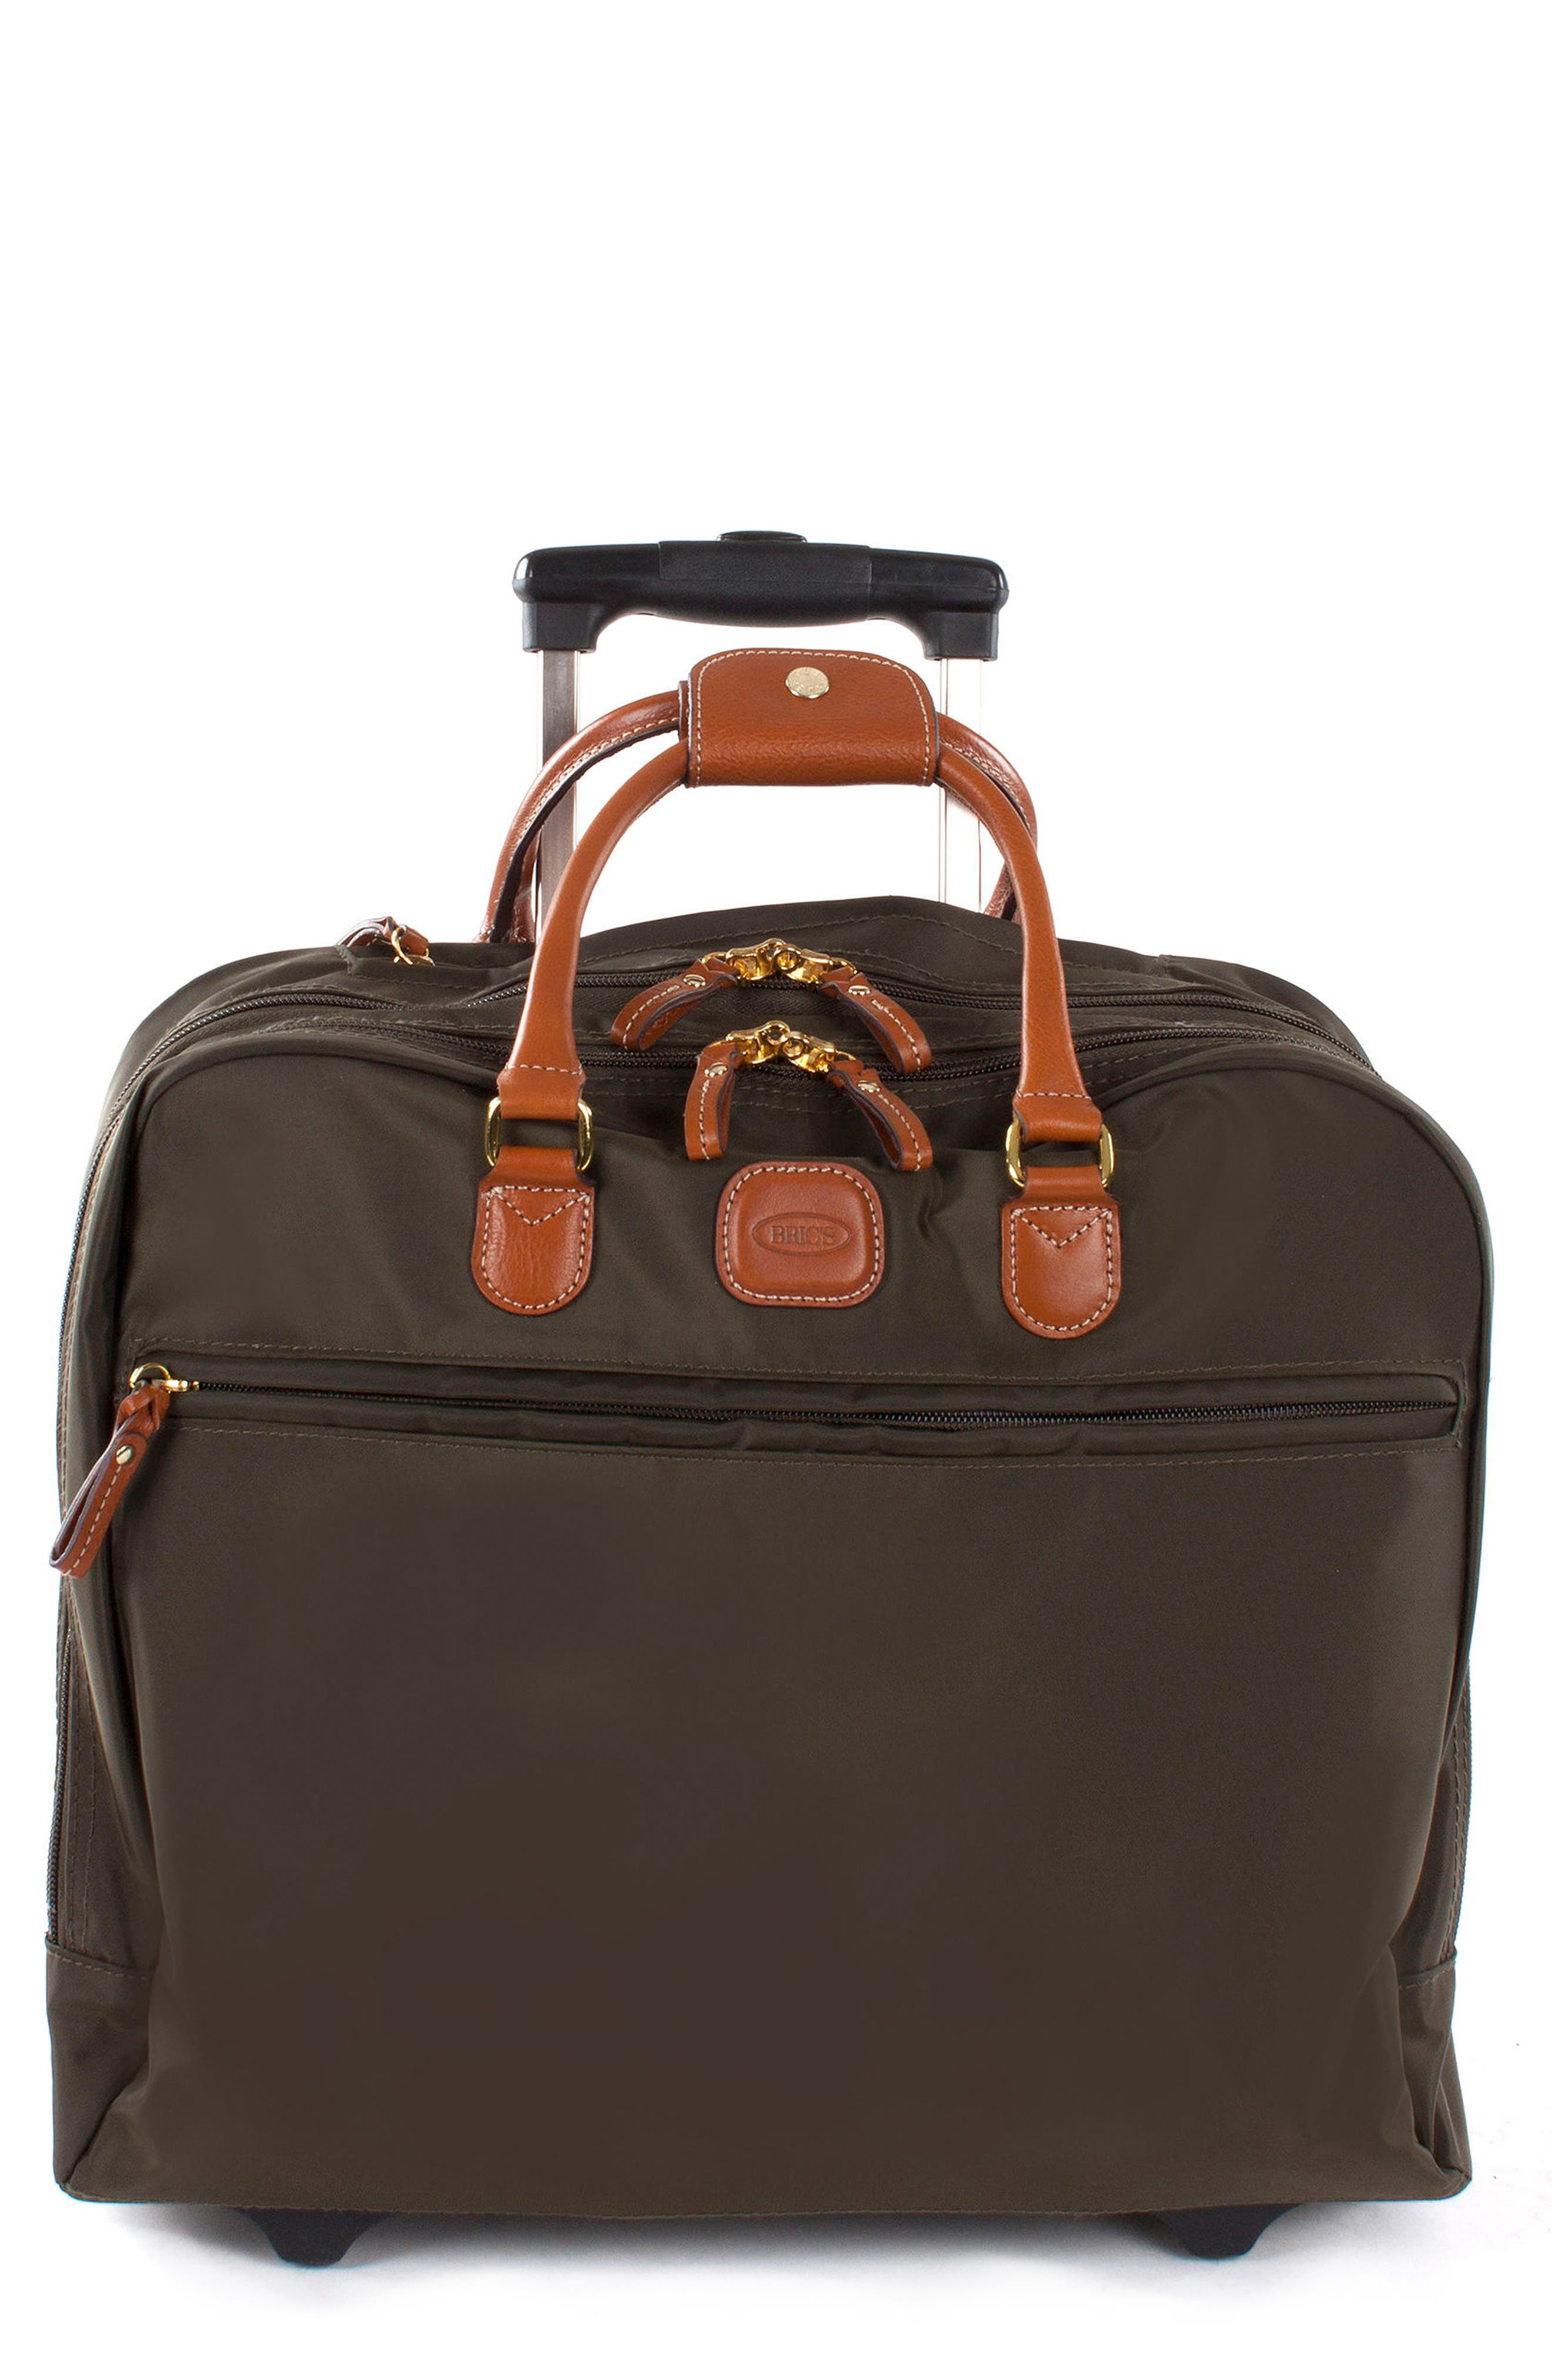 Bric's X-Travel Pilot Case